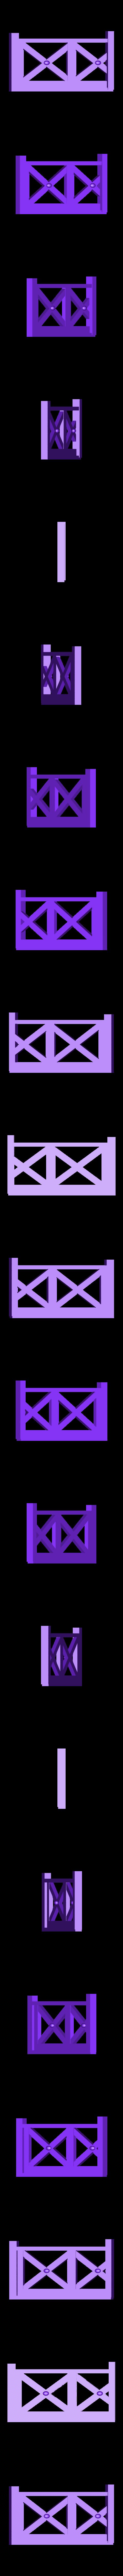 short_guard_rail2.stl Télécharger fichier STL gratuit Ripper's London - The (Modular) Factory • Modèle pour imprimante 3D, Earsling